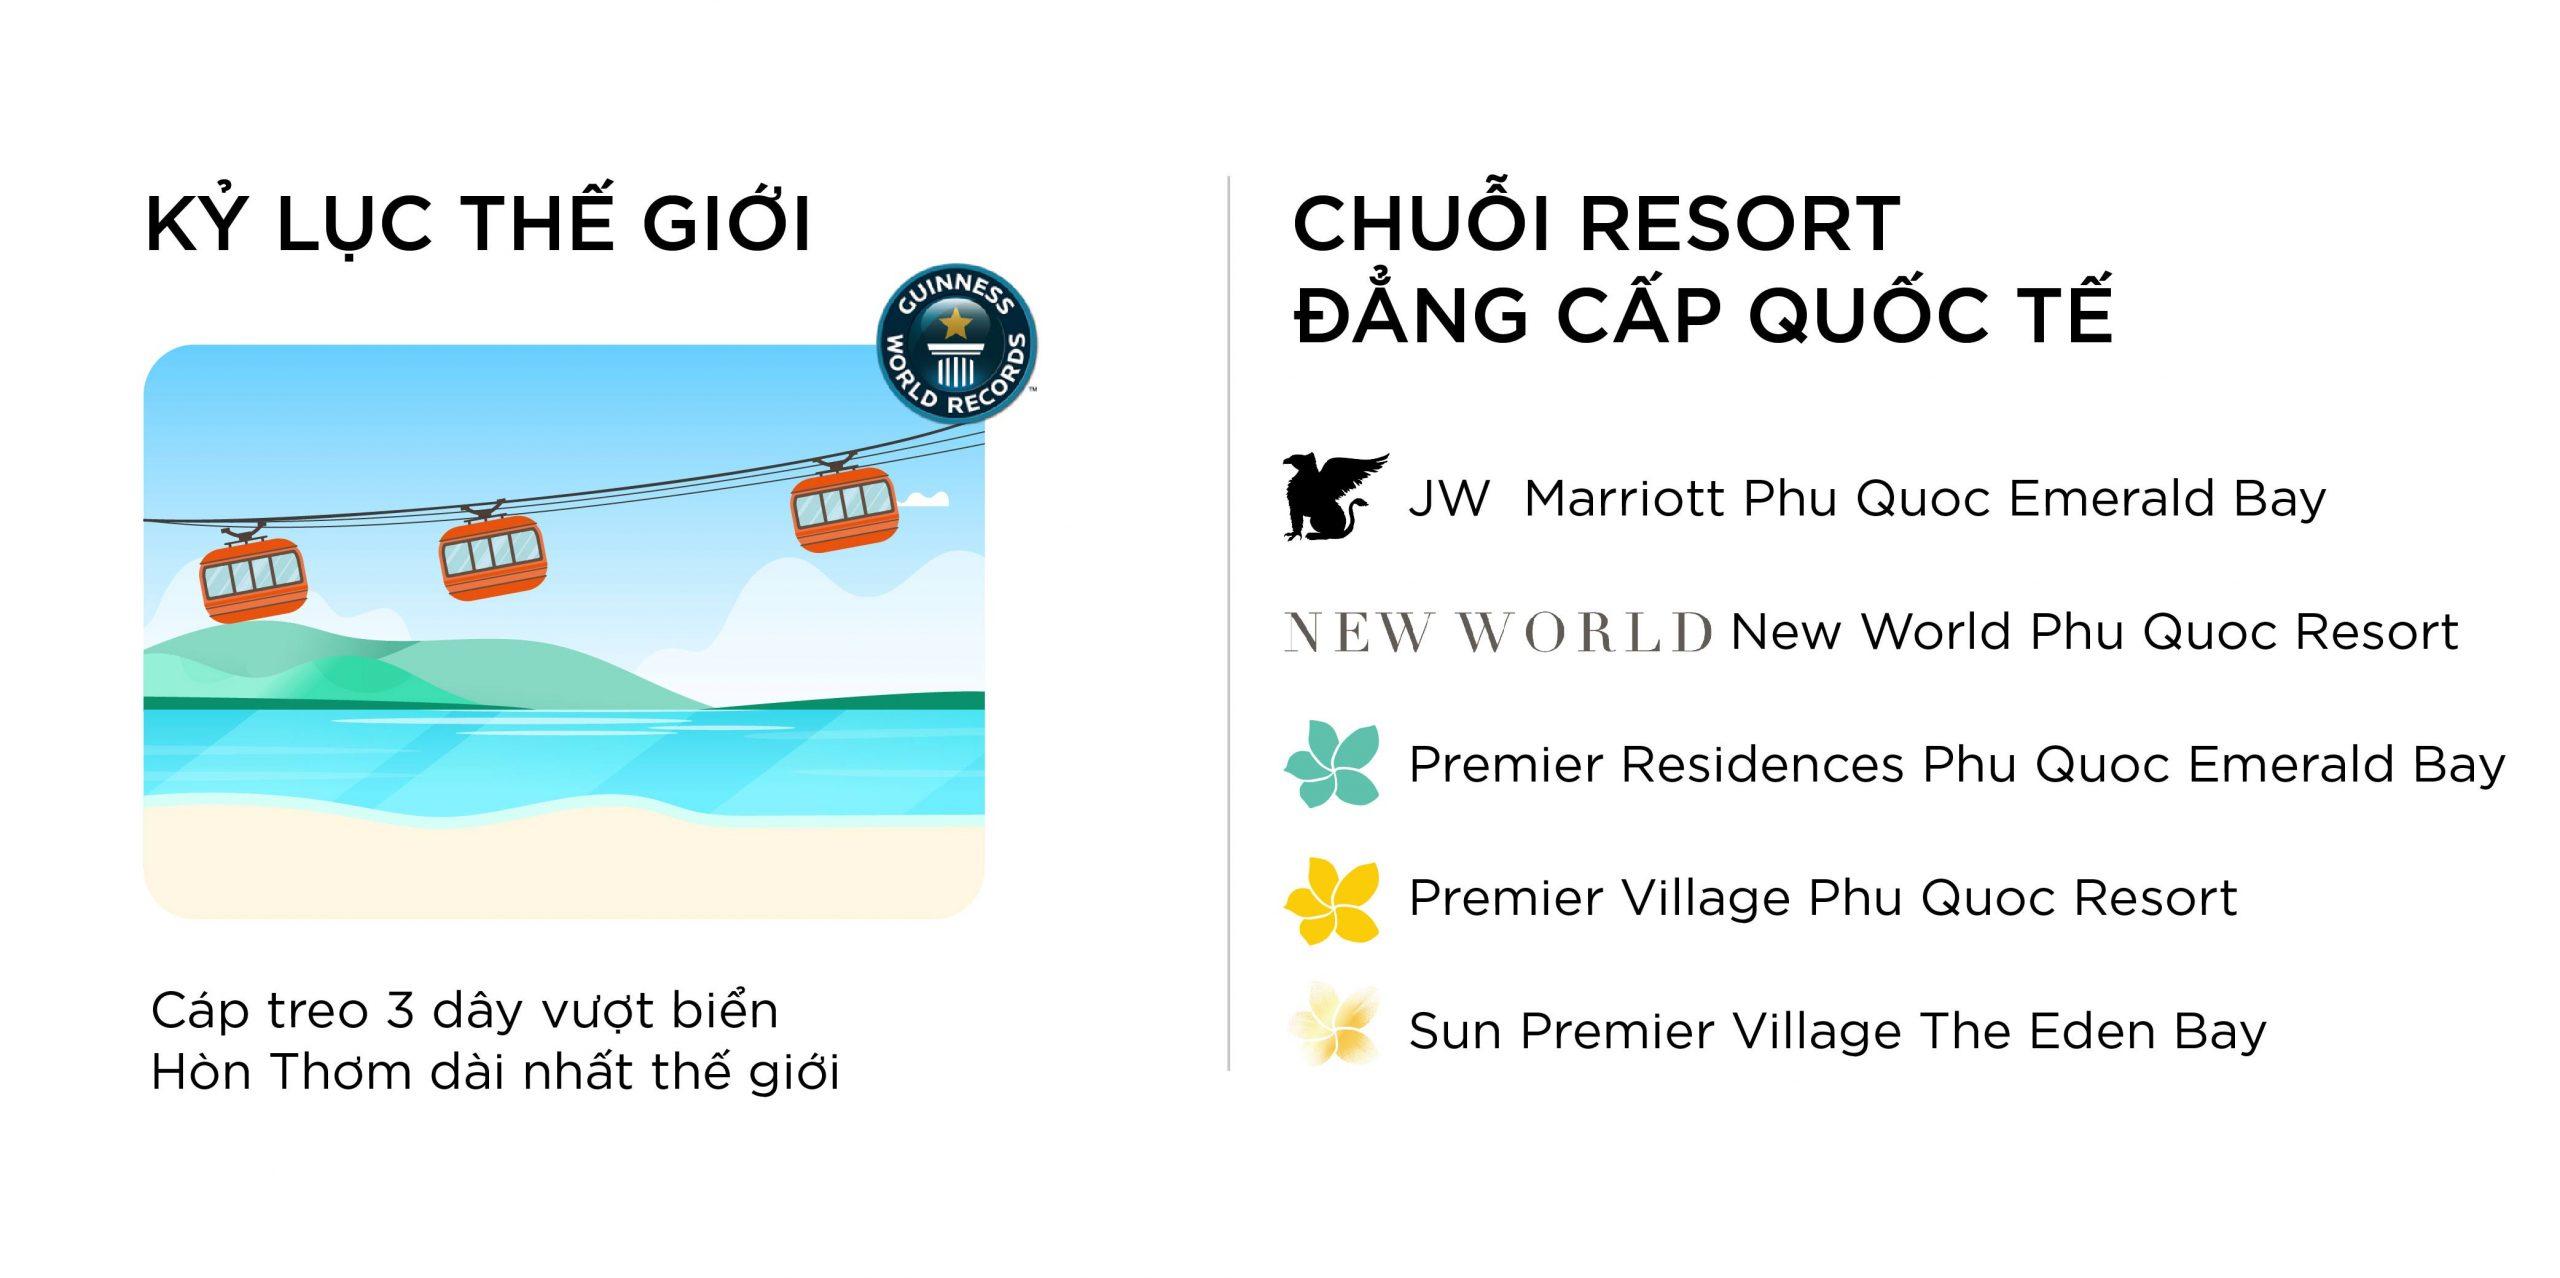 Nằm tại thị trấn An Thới, phía Nam đảo Ngọc, cáp treo Hòn Thơm đạt kỷ lục cáp treo vượt biển dài nhất thế giới đón hàng nghìn lượt khách